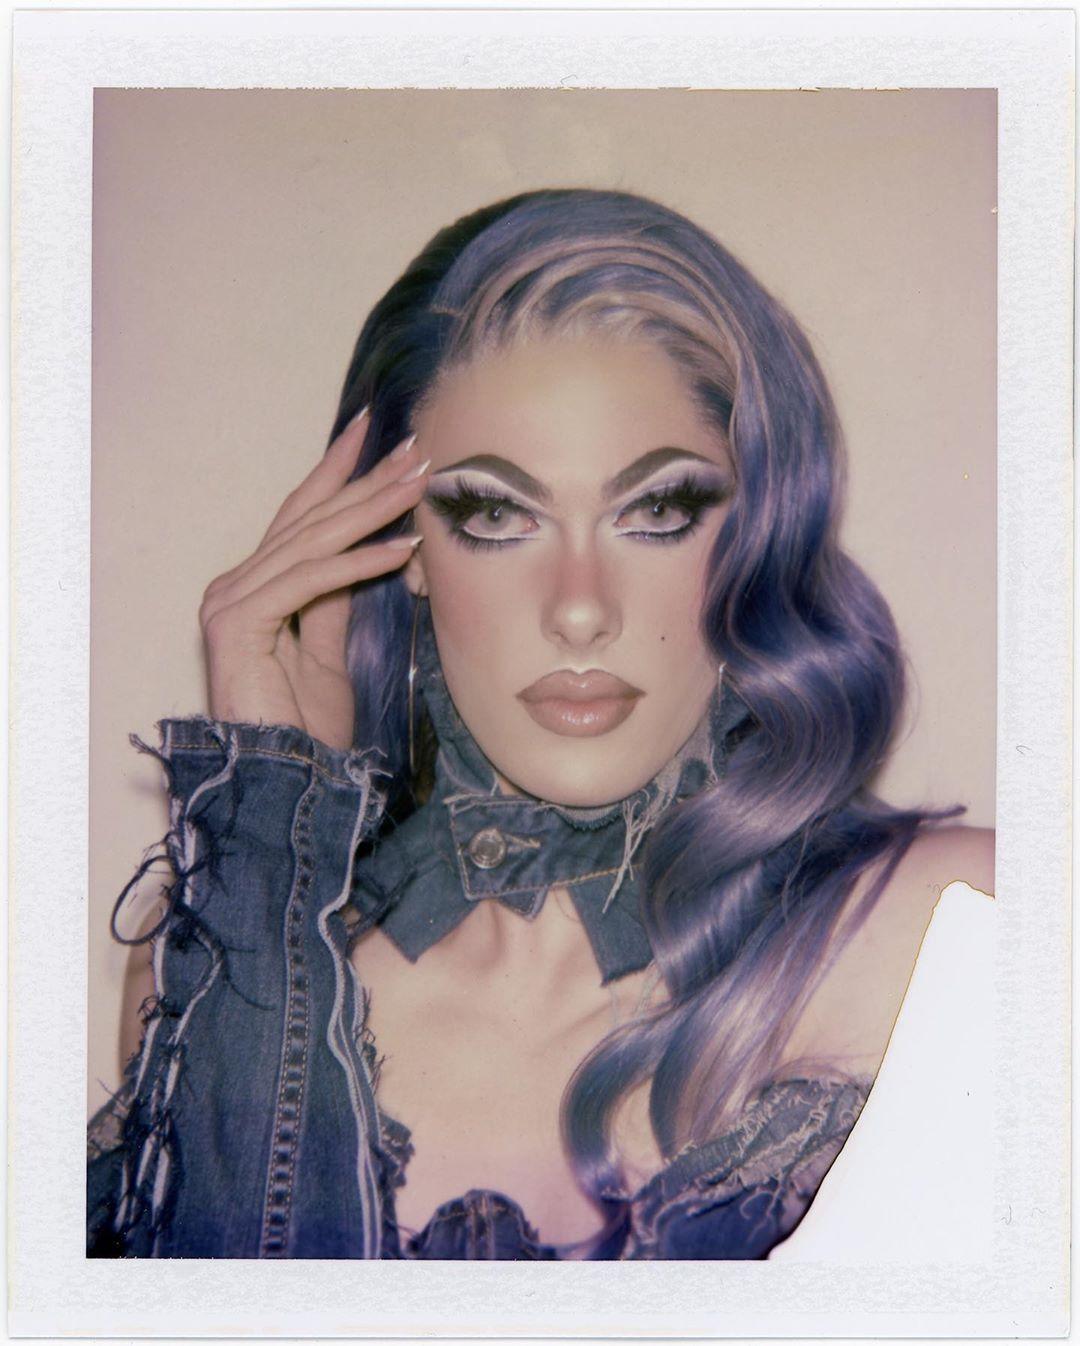 """Gigi Goode habla de su identidad de género fluida en """"RuPaul's Drag Race"""""""